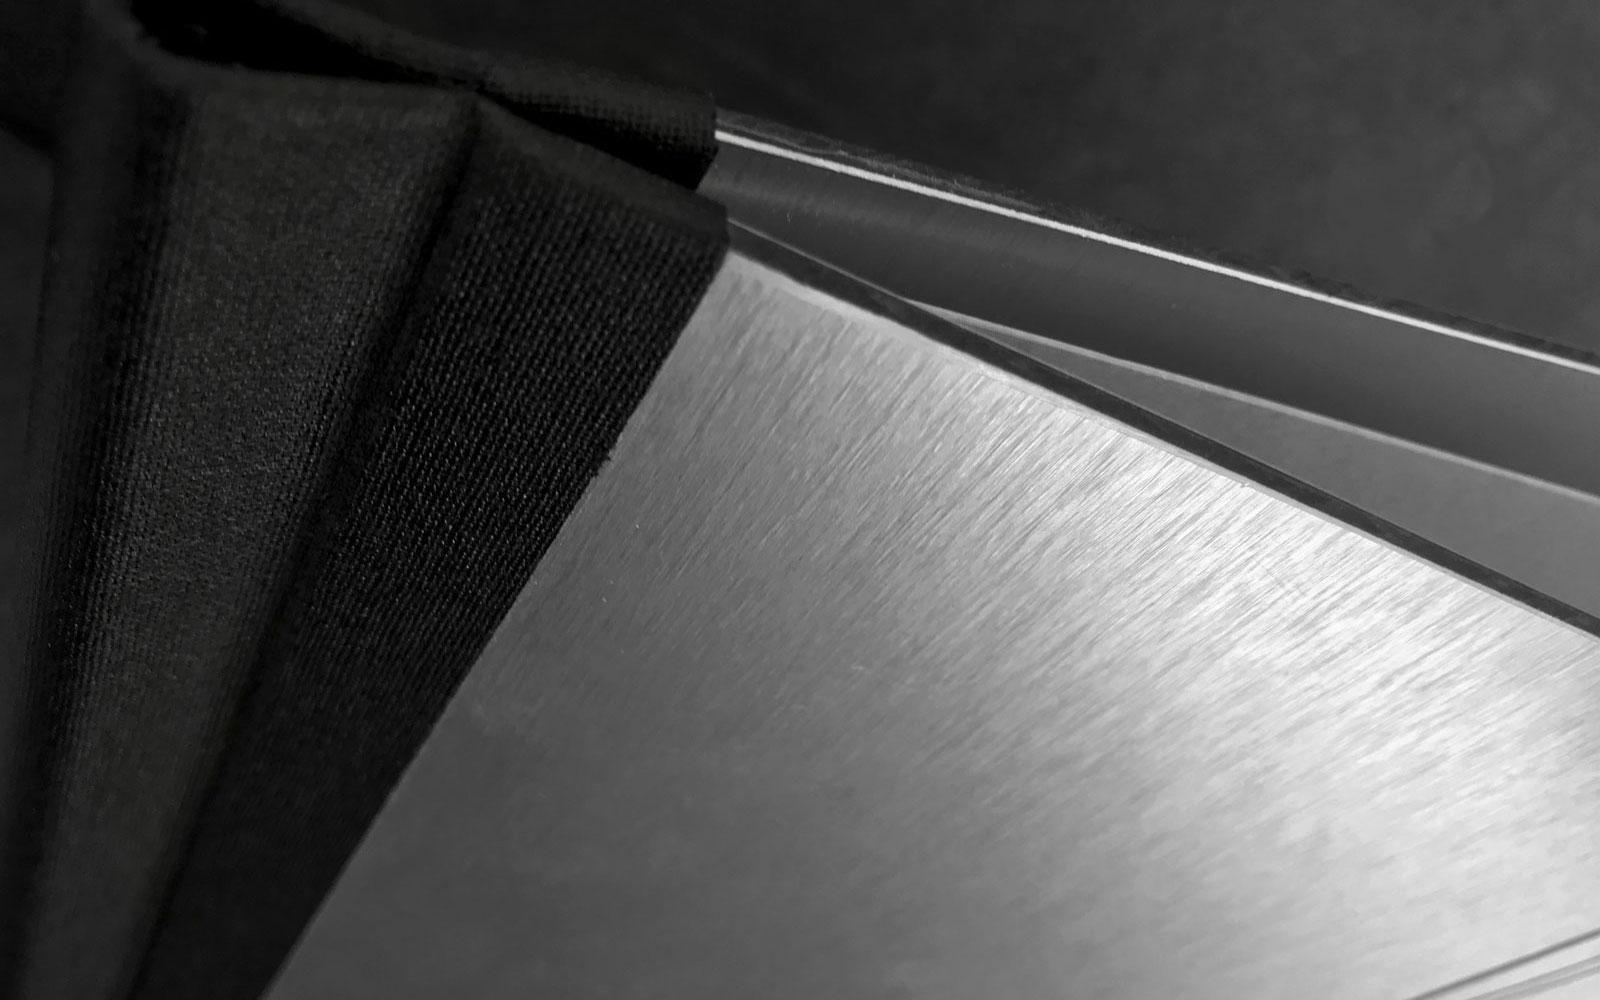 Speisekarte aus Aluminium Titelbild